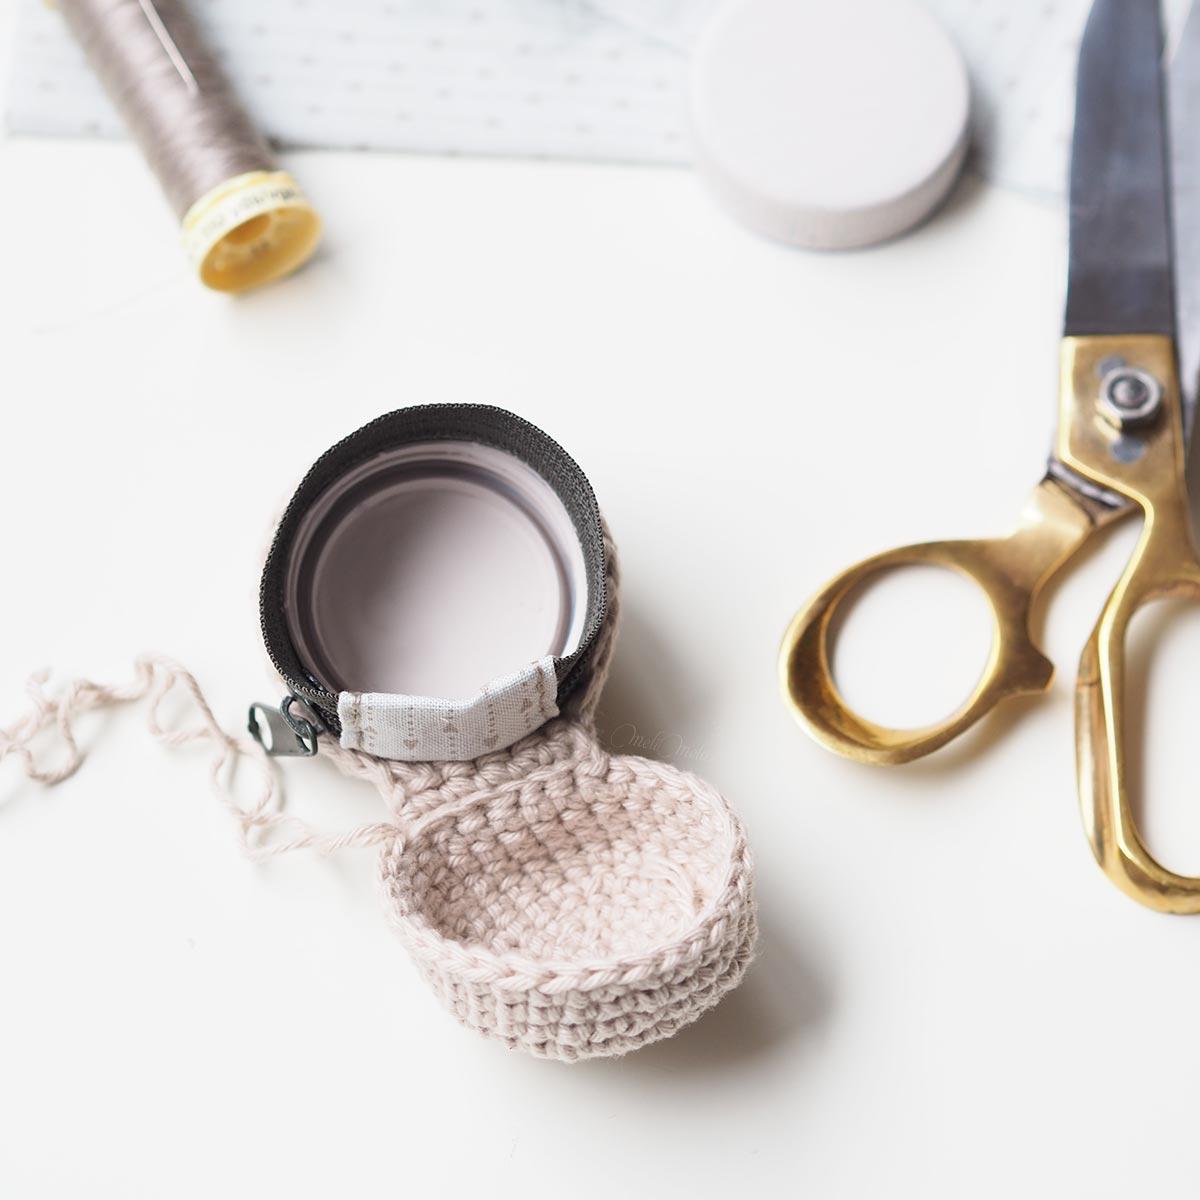 couture-blocage-zip-crochet-boitier-chouettekit-laboutiquedemelimelo-04